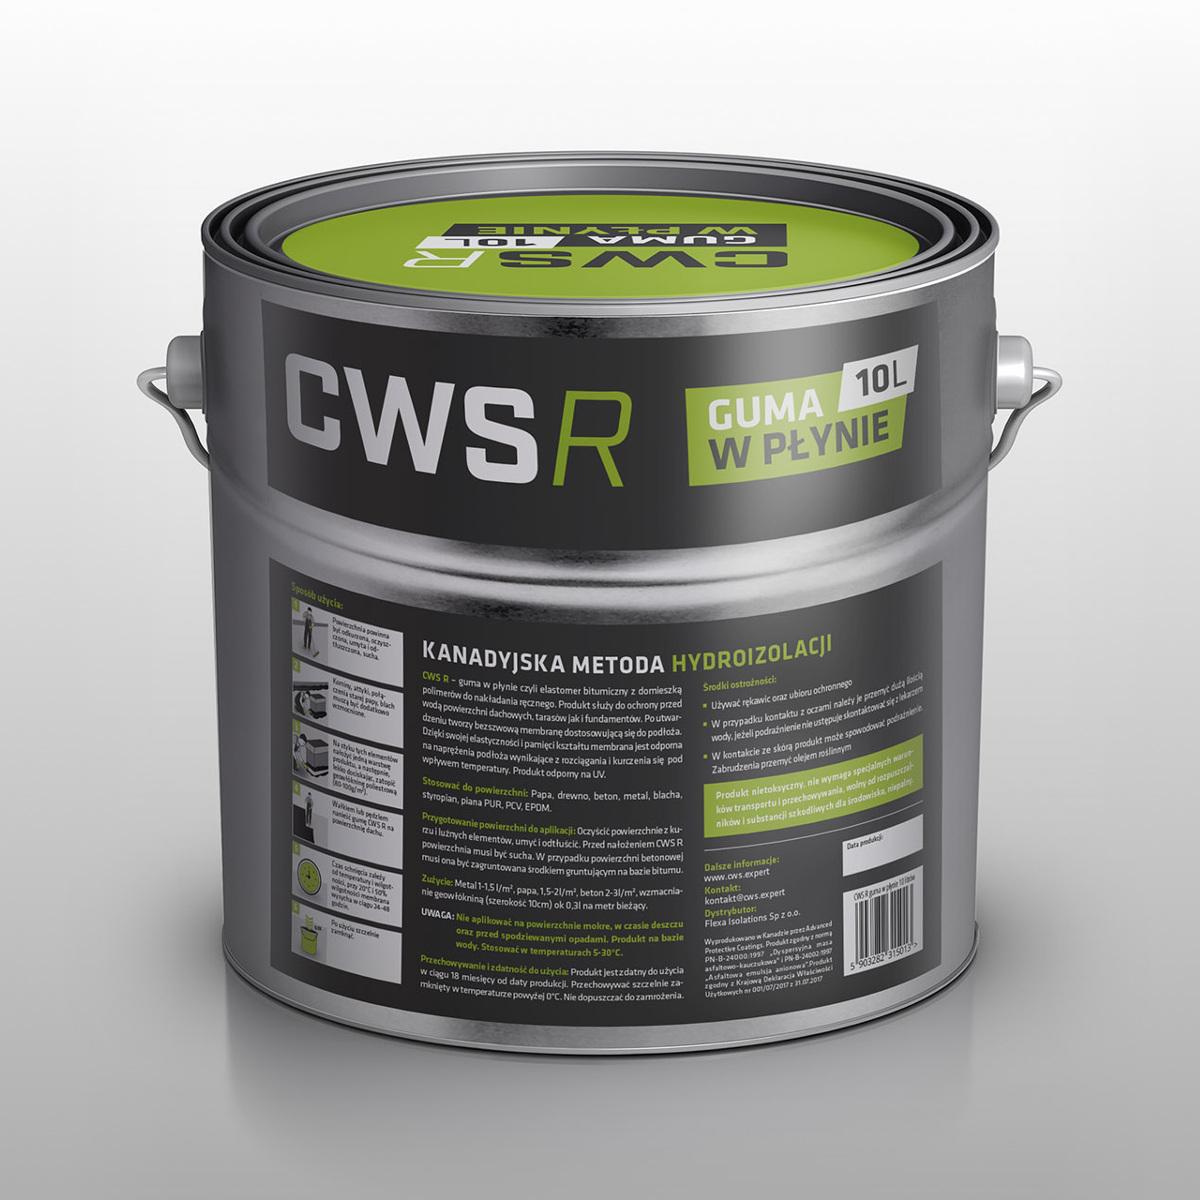 Guma w Płynie CWS R 10L na dach